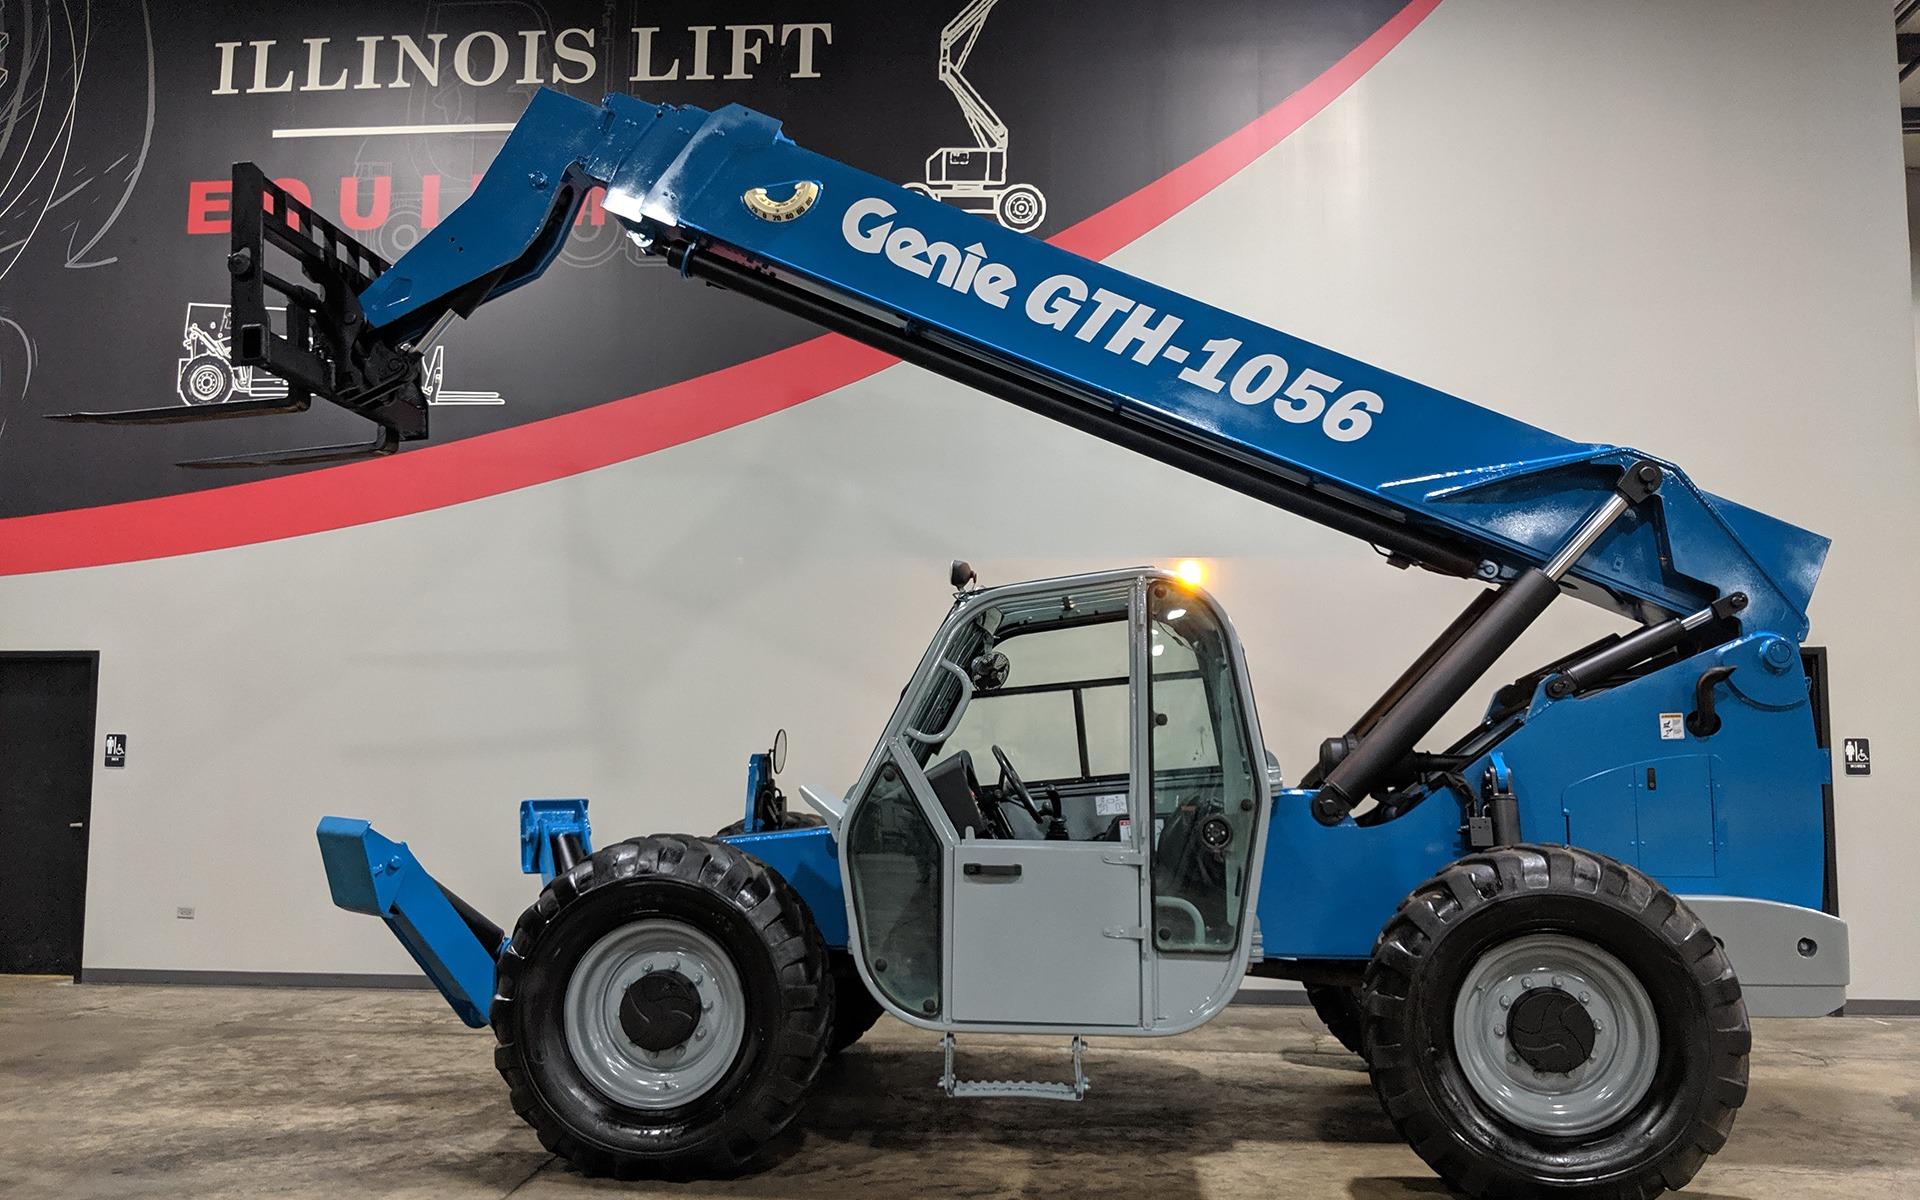 Used 2011 GENIE GTH1056  | Cary, IL